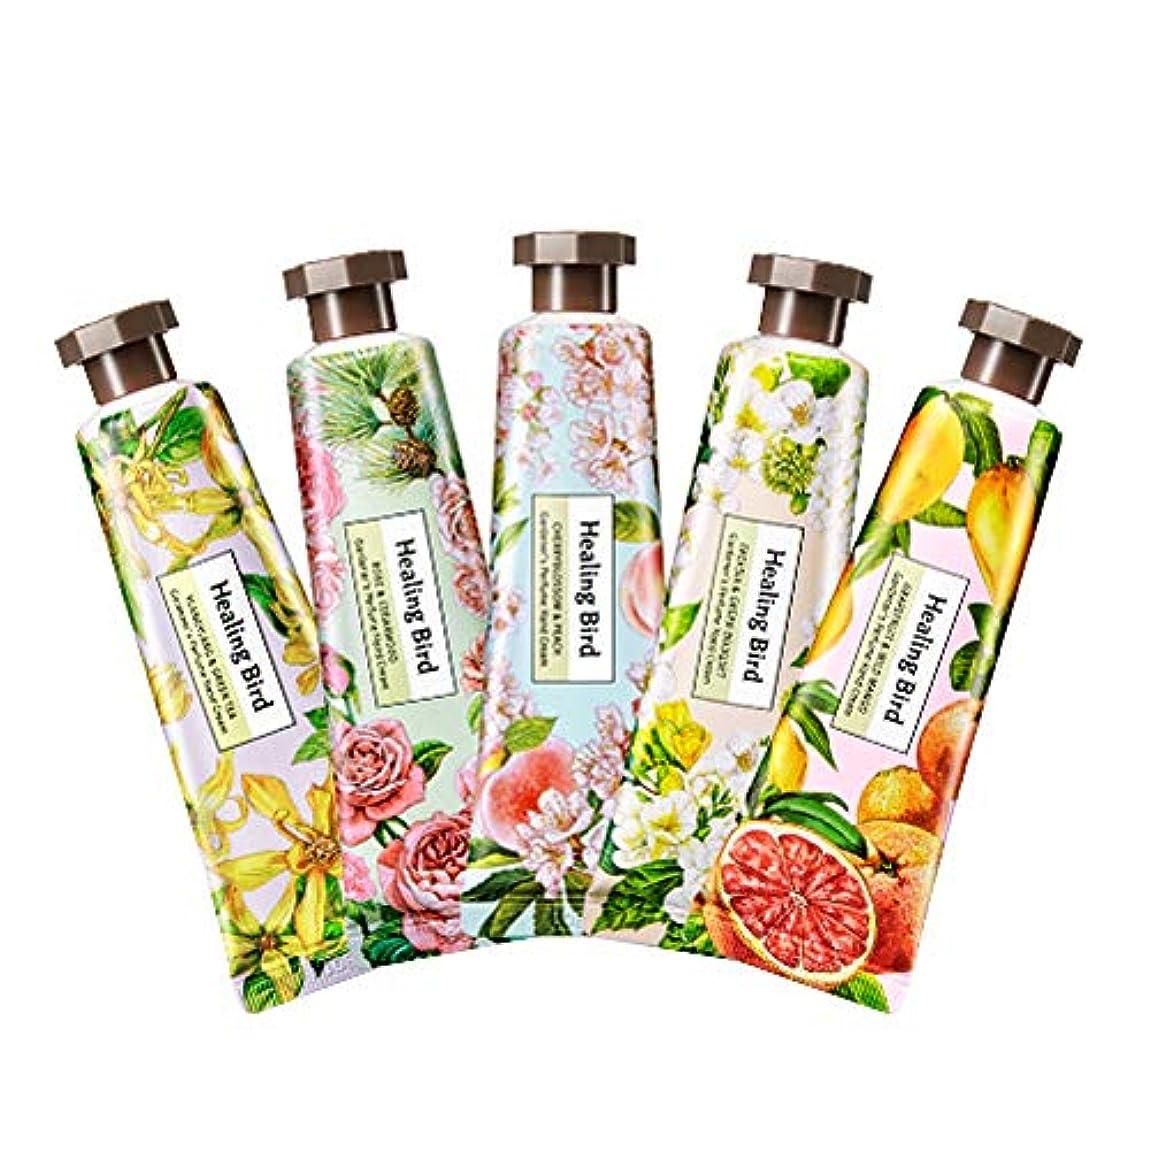 ティッシュ胴体推測Healing Bird Gardener's Perfume Hand Cream 30ml ヒーリングバード カドゥノスパヒュームハンドクリーム (Fressia & Green Bouquet) [並行輸入品]